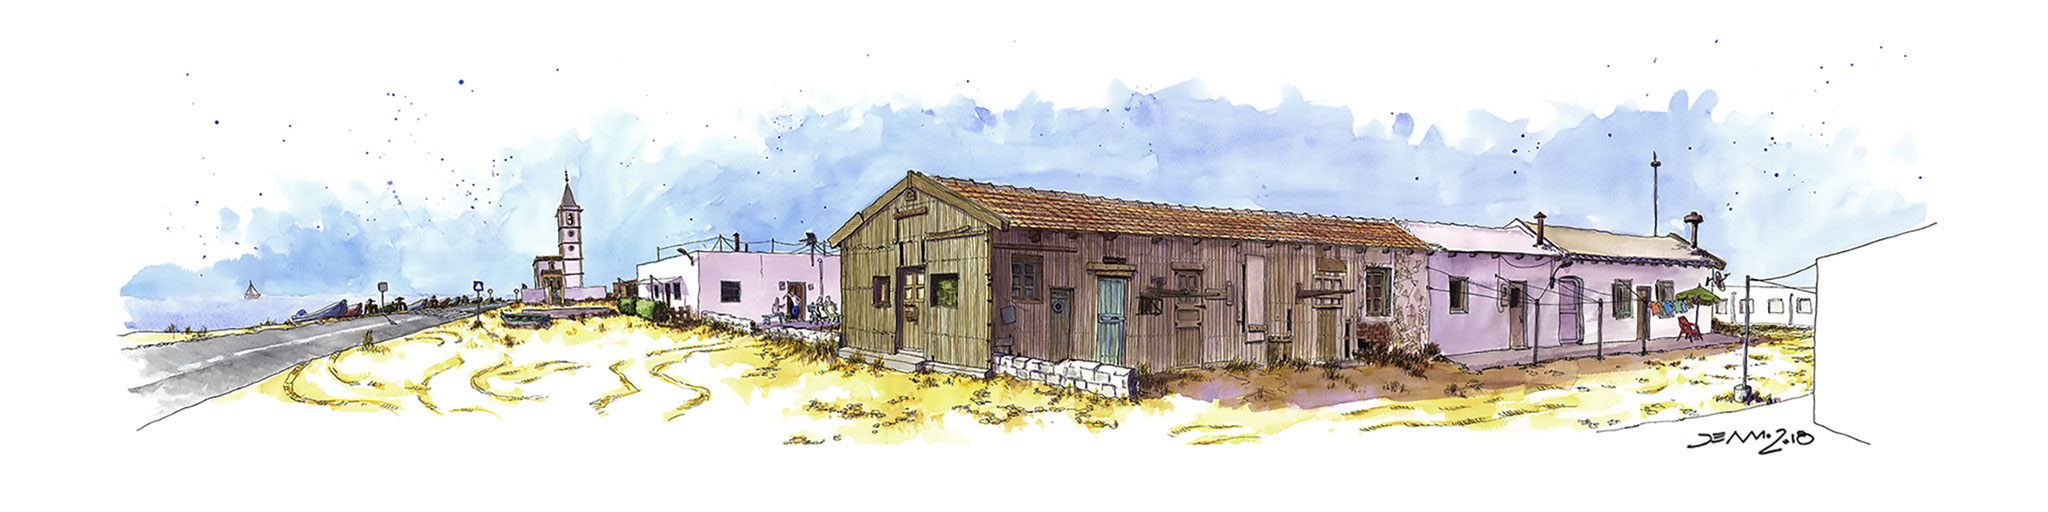 Casas de las Salinas. Acuarela sobre papel.